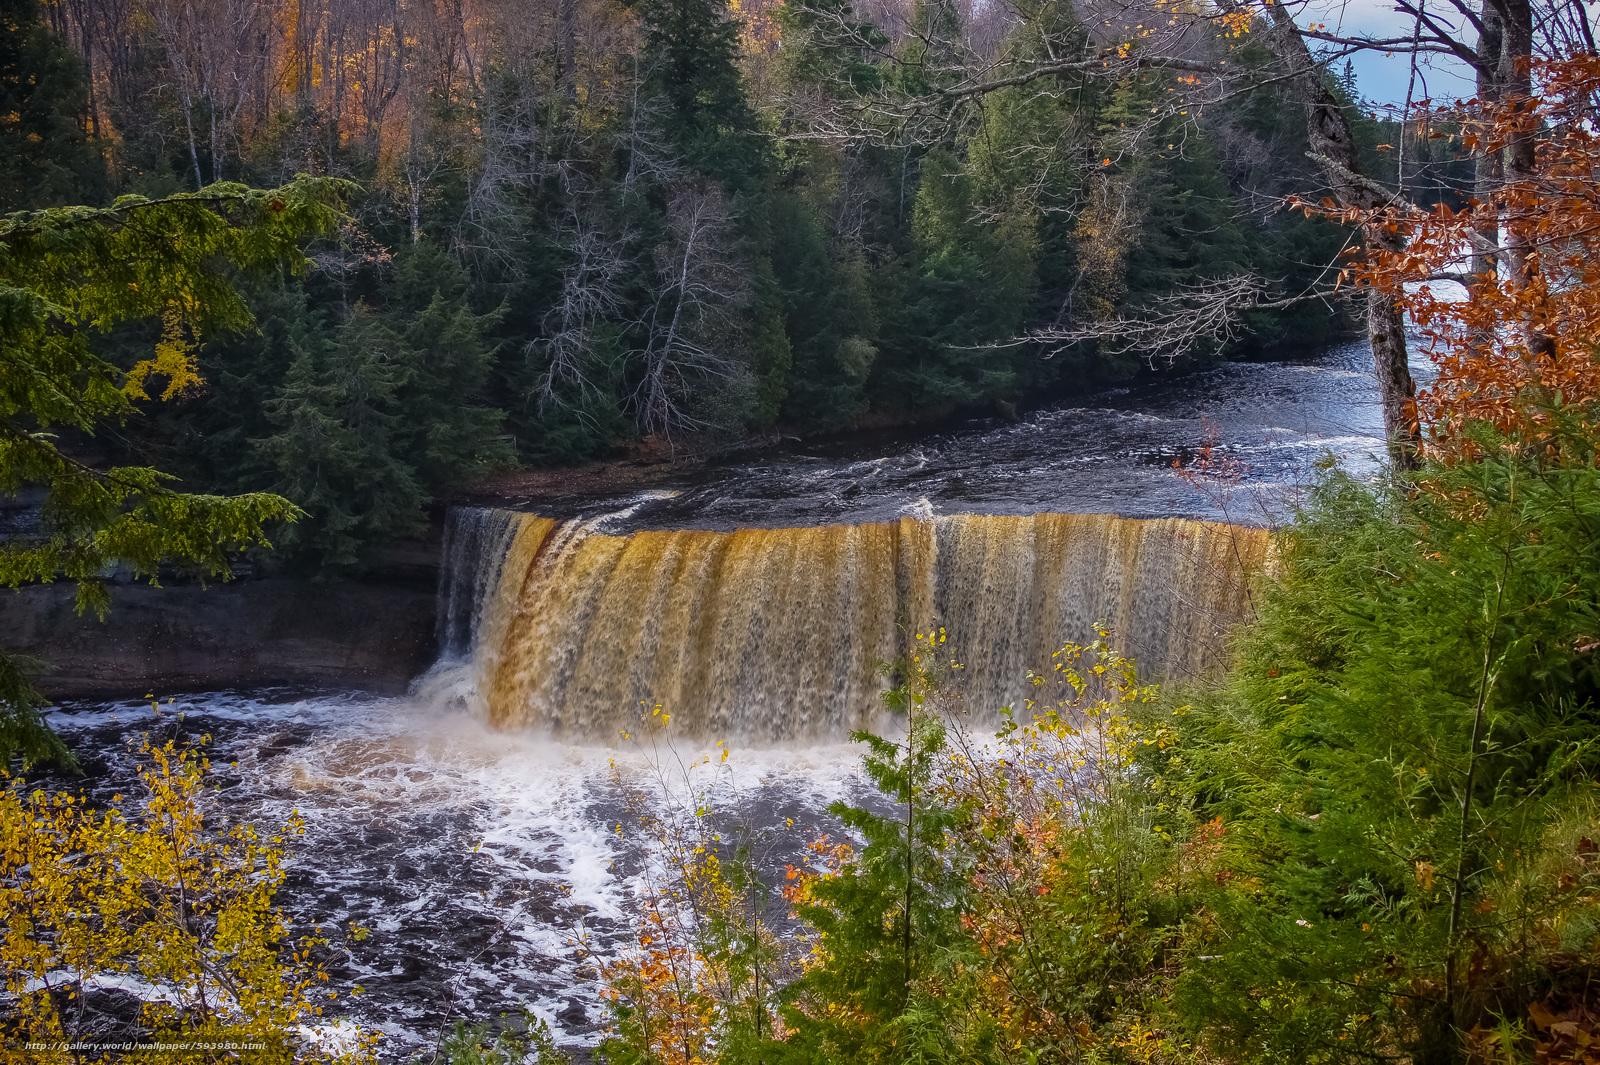 下载壁纸 河, 森林, 树, 瀑布 免费为您的桌面分辨率的壁纸 4592x3056